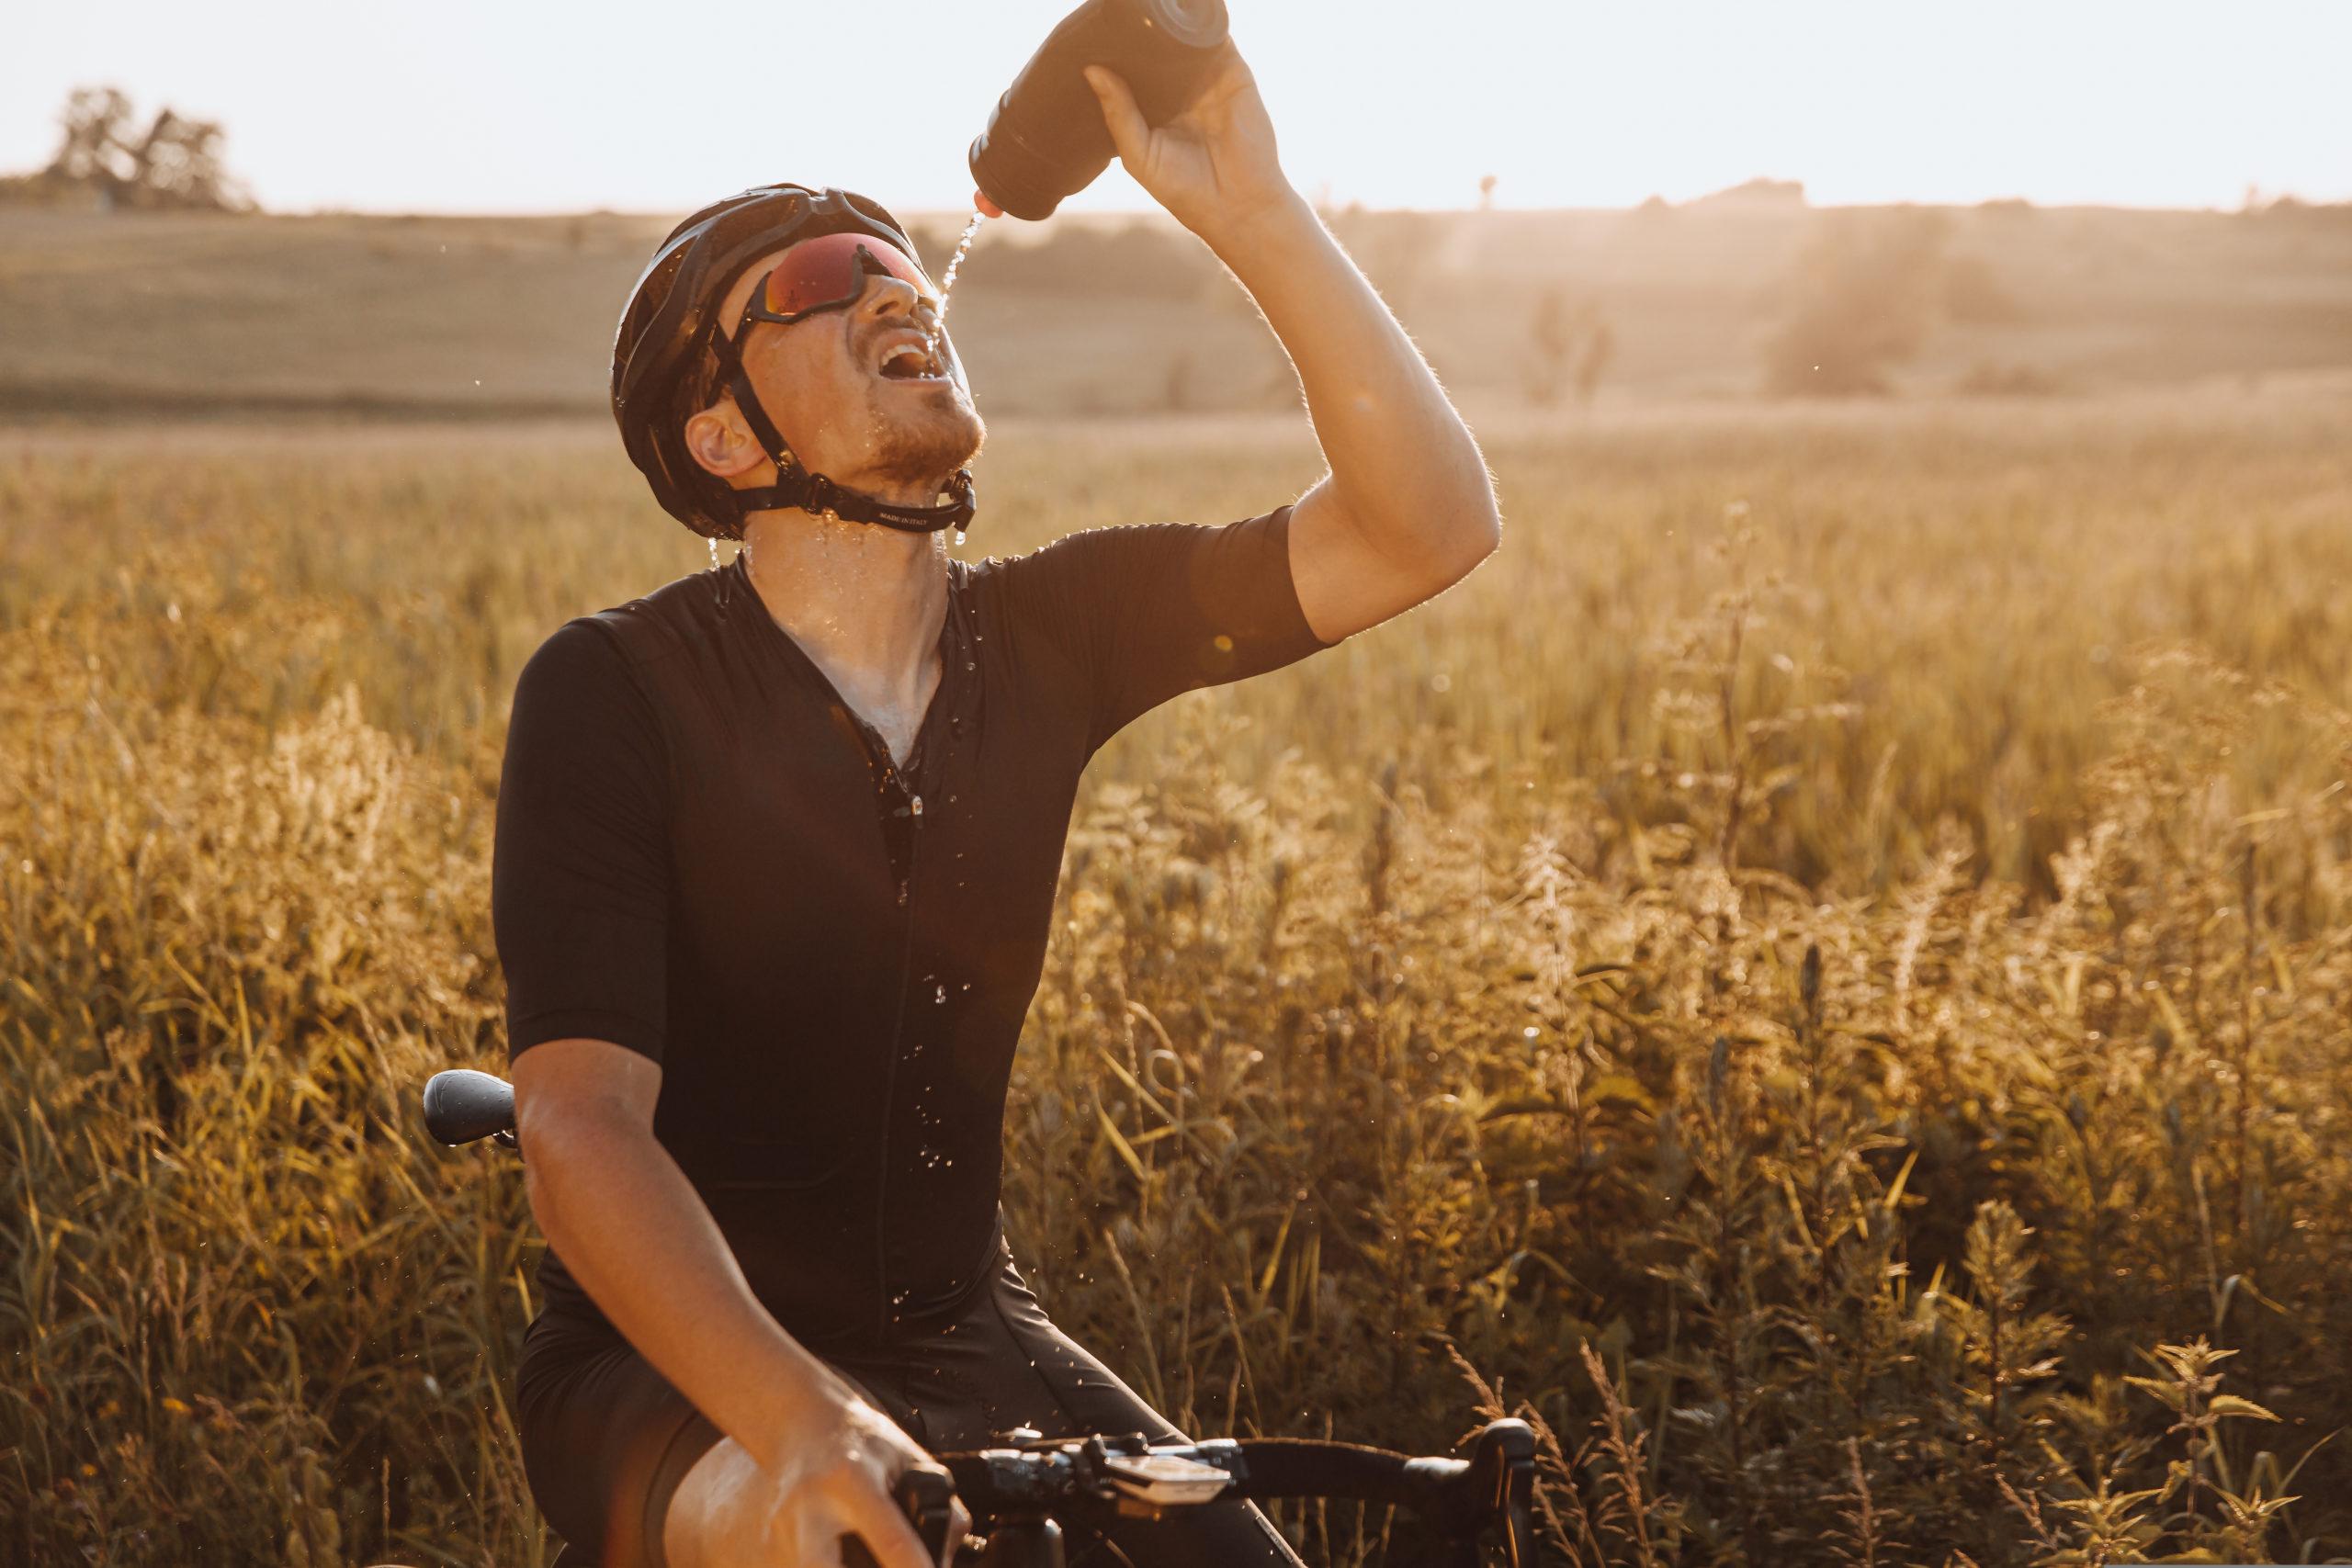 Fahrradfahrer trinkt Wasser